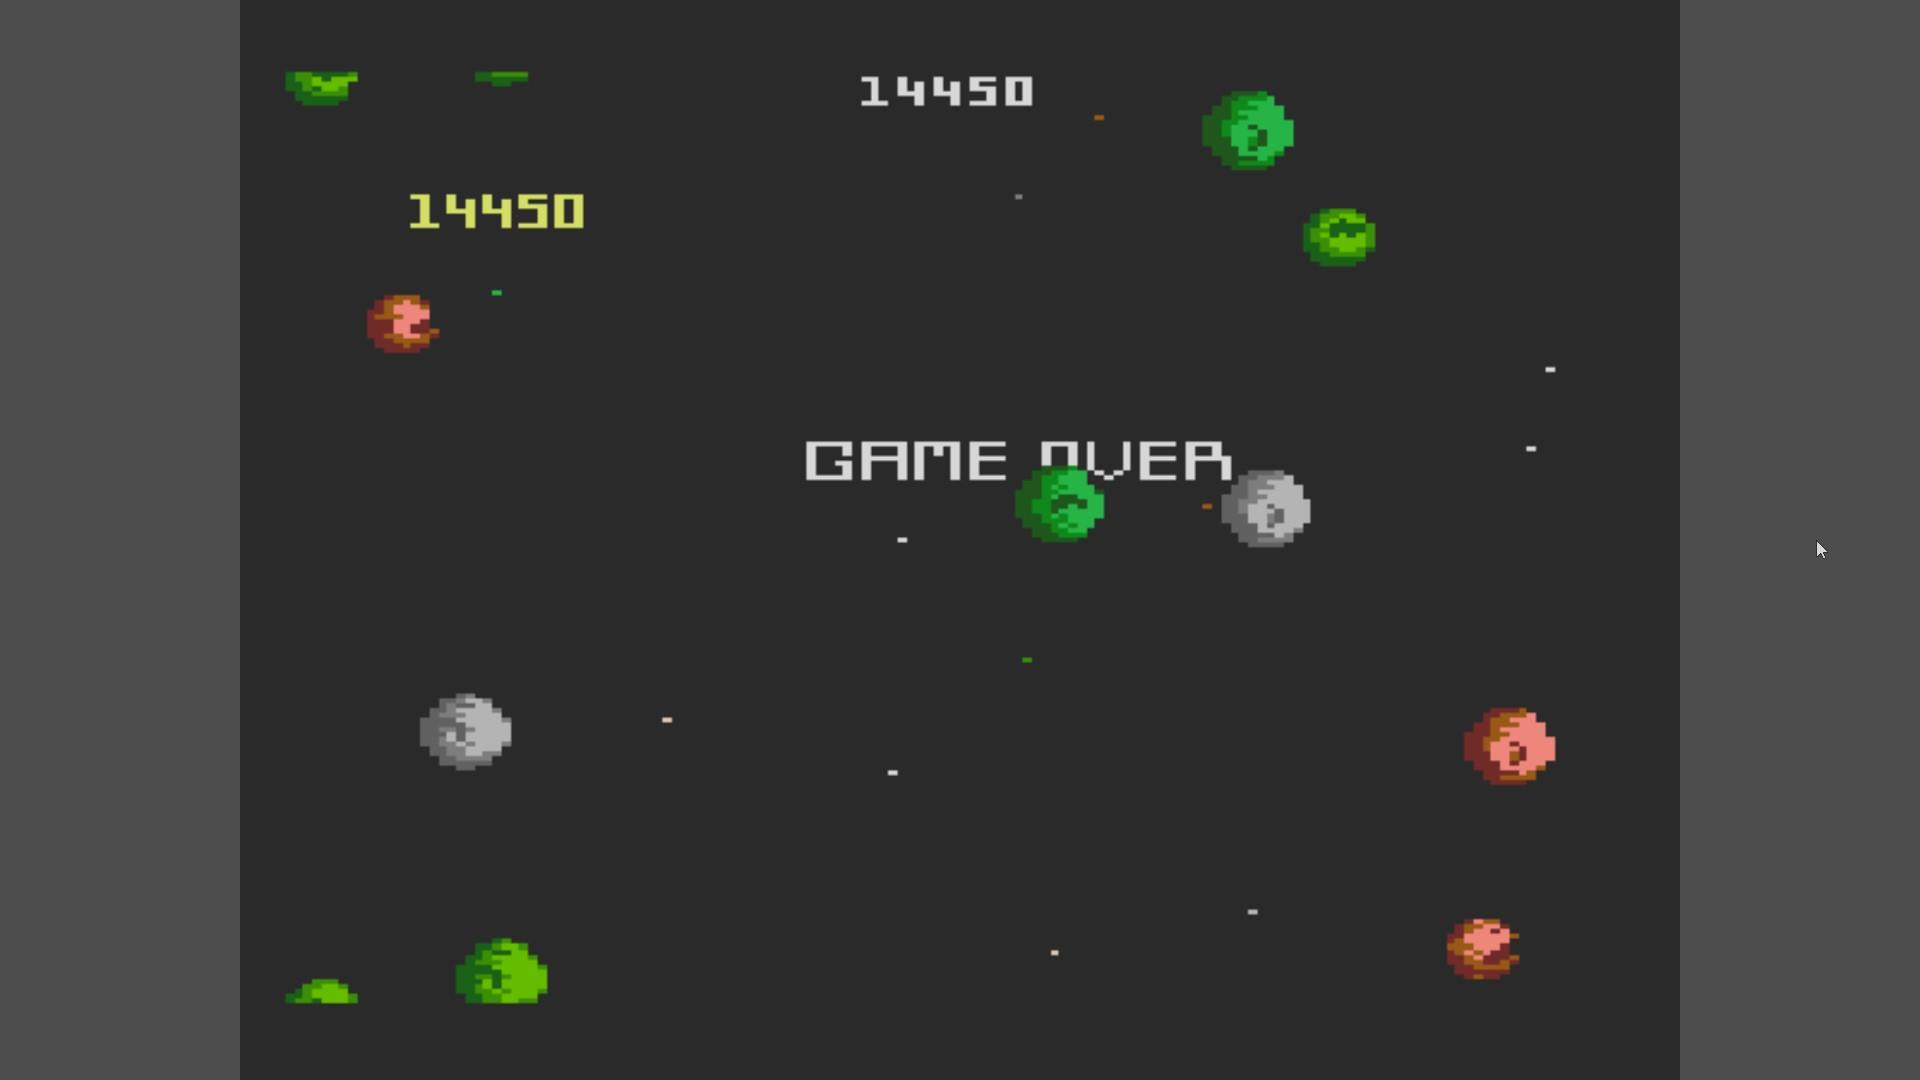 AkinNahtanoj: Asteroids: Intermediate (Atari 7800 Emulated) 14,450 points on 2020-10-09 06:28:05